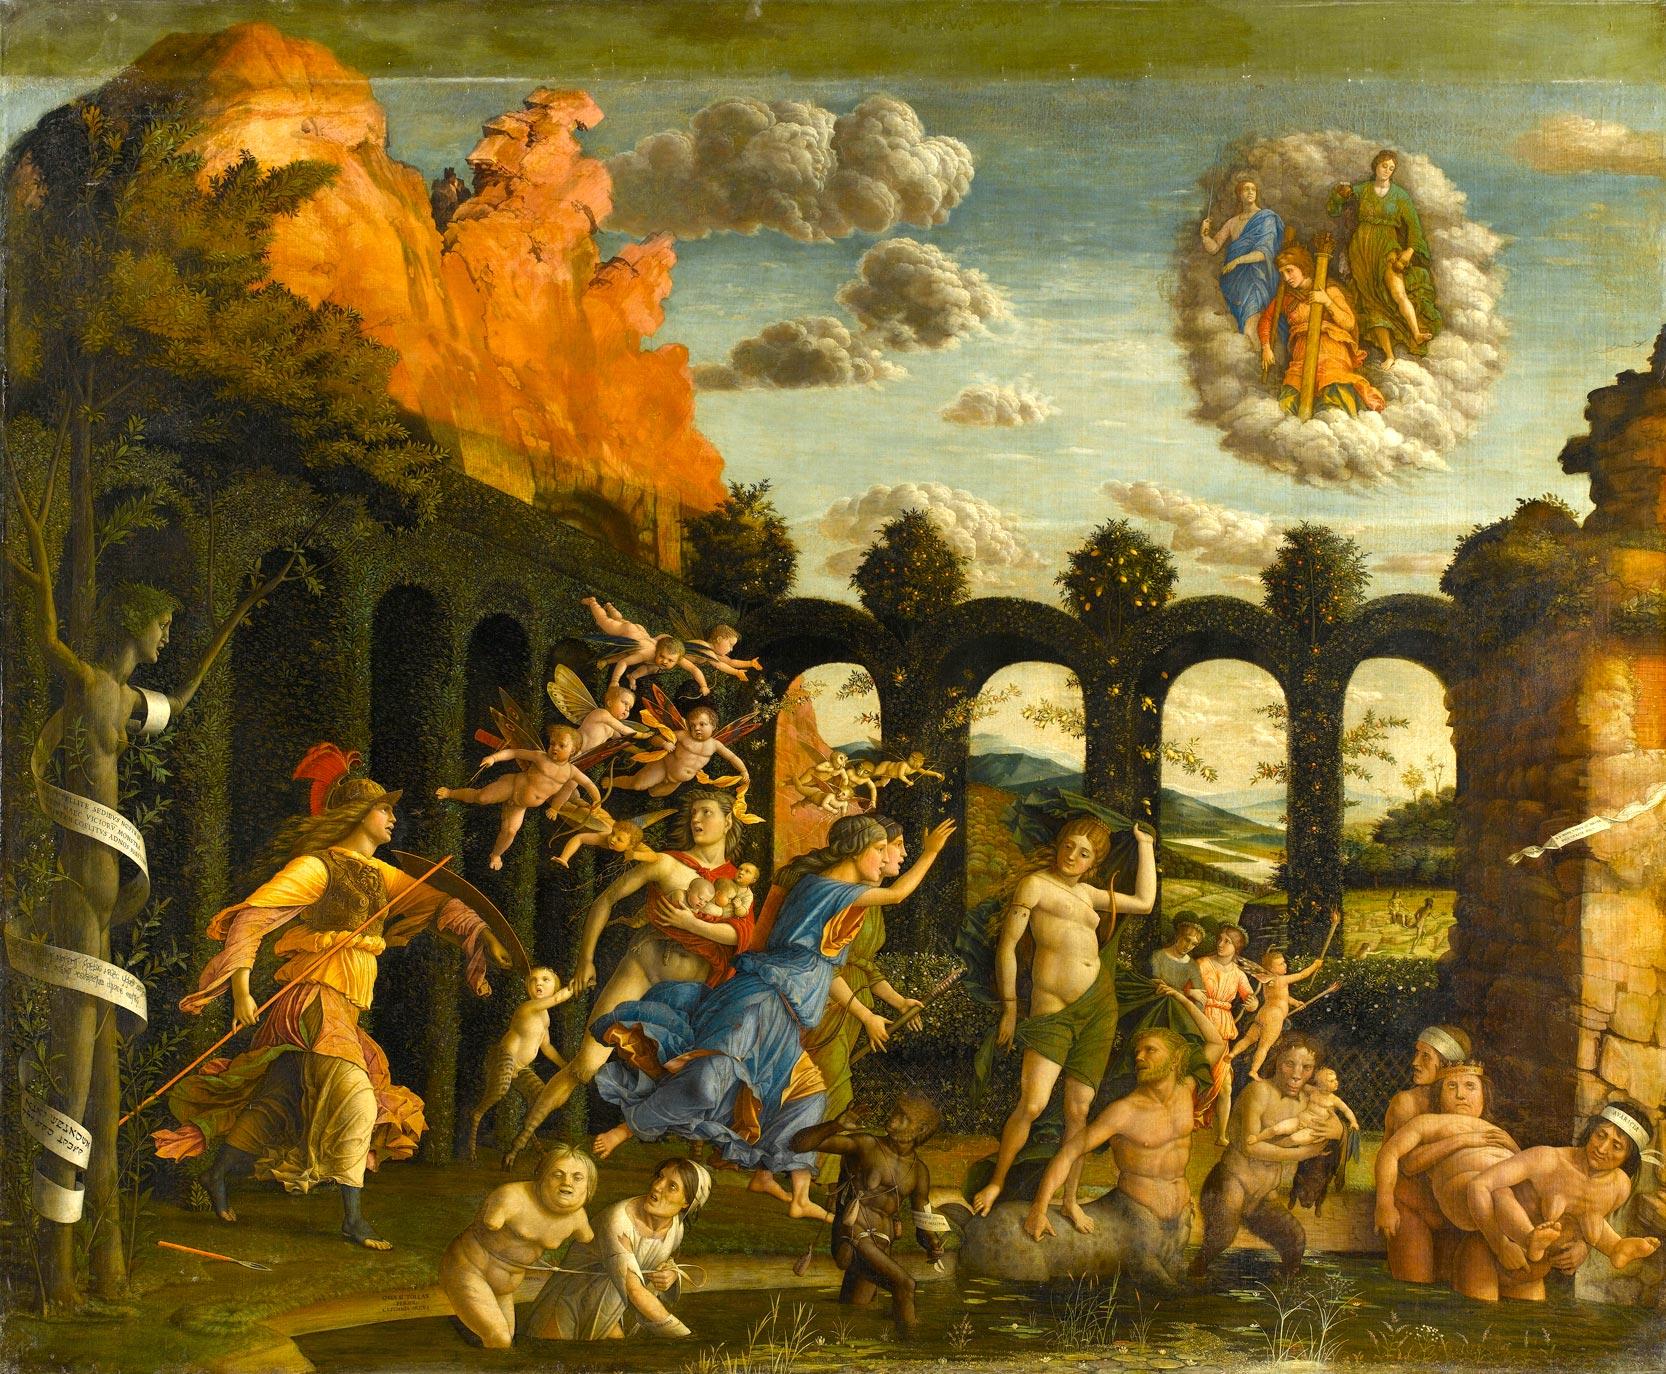 vanity in greek mythology essay